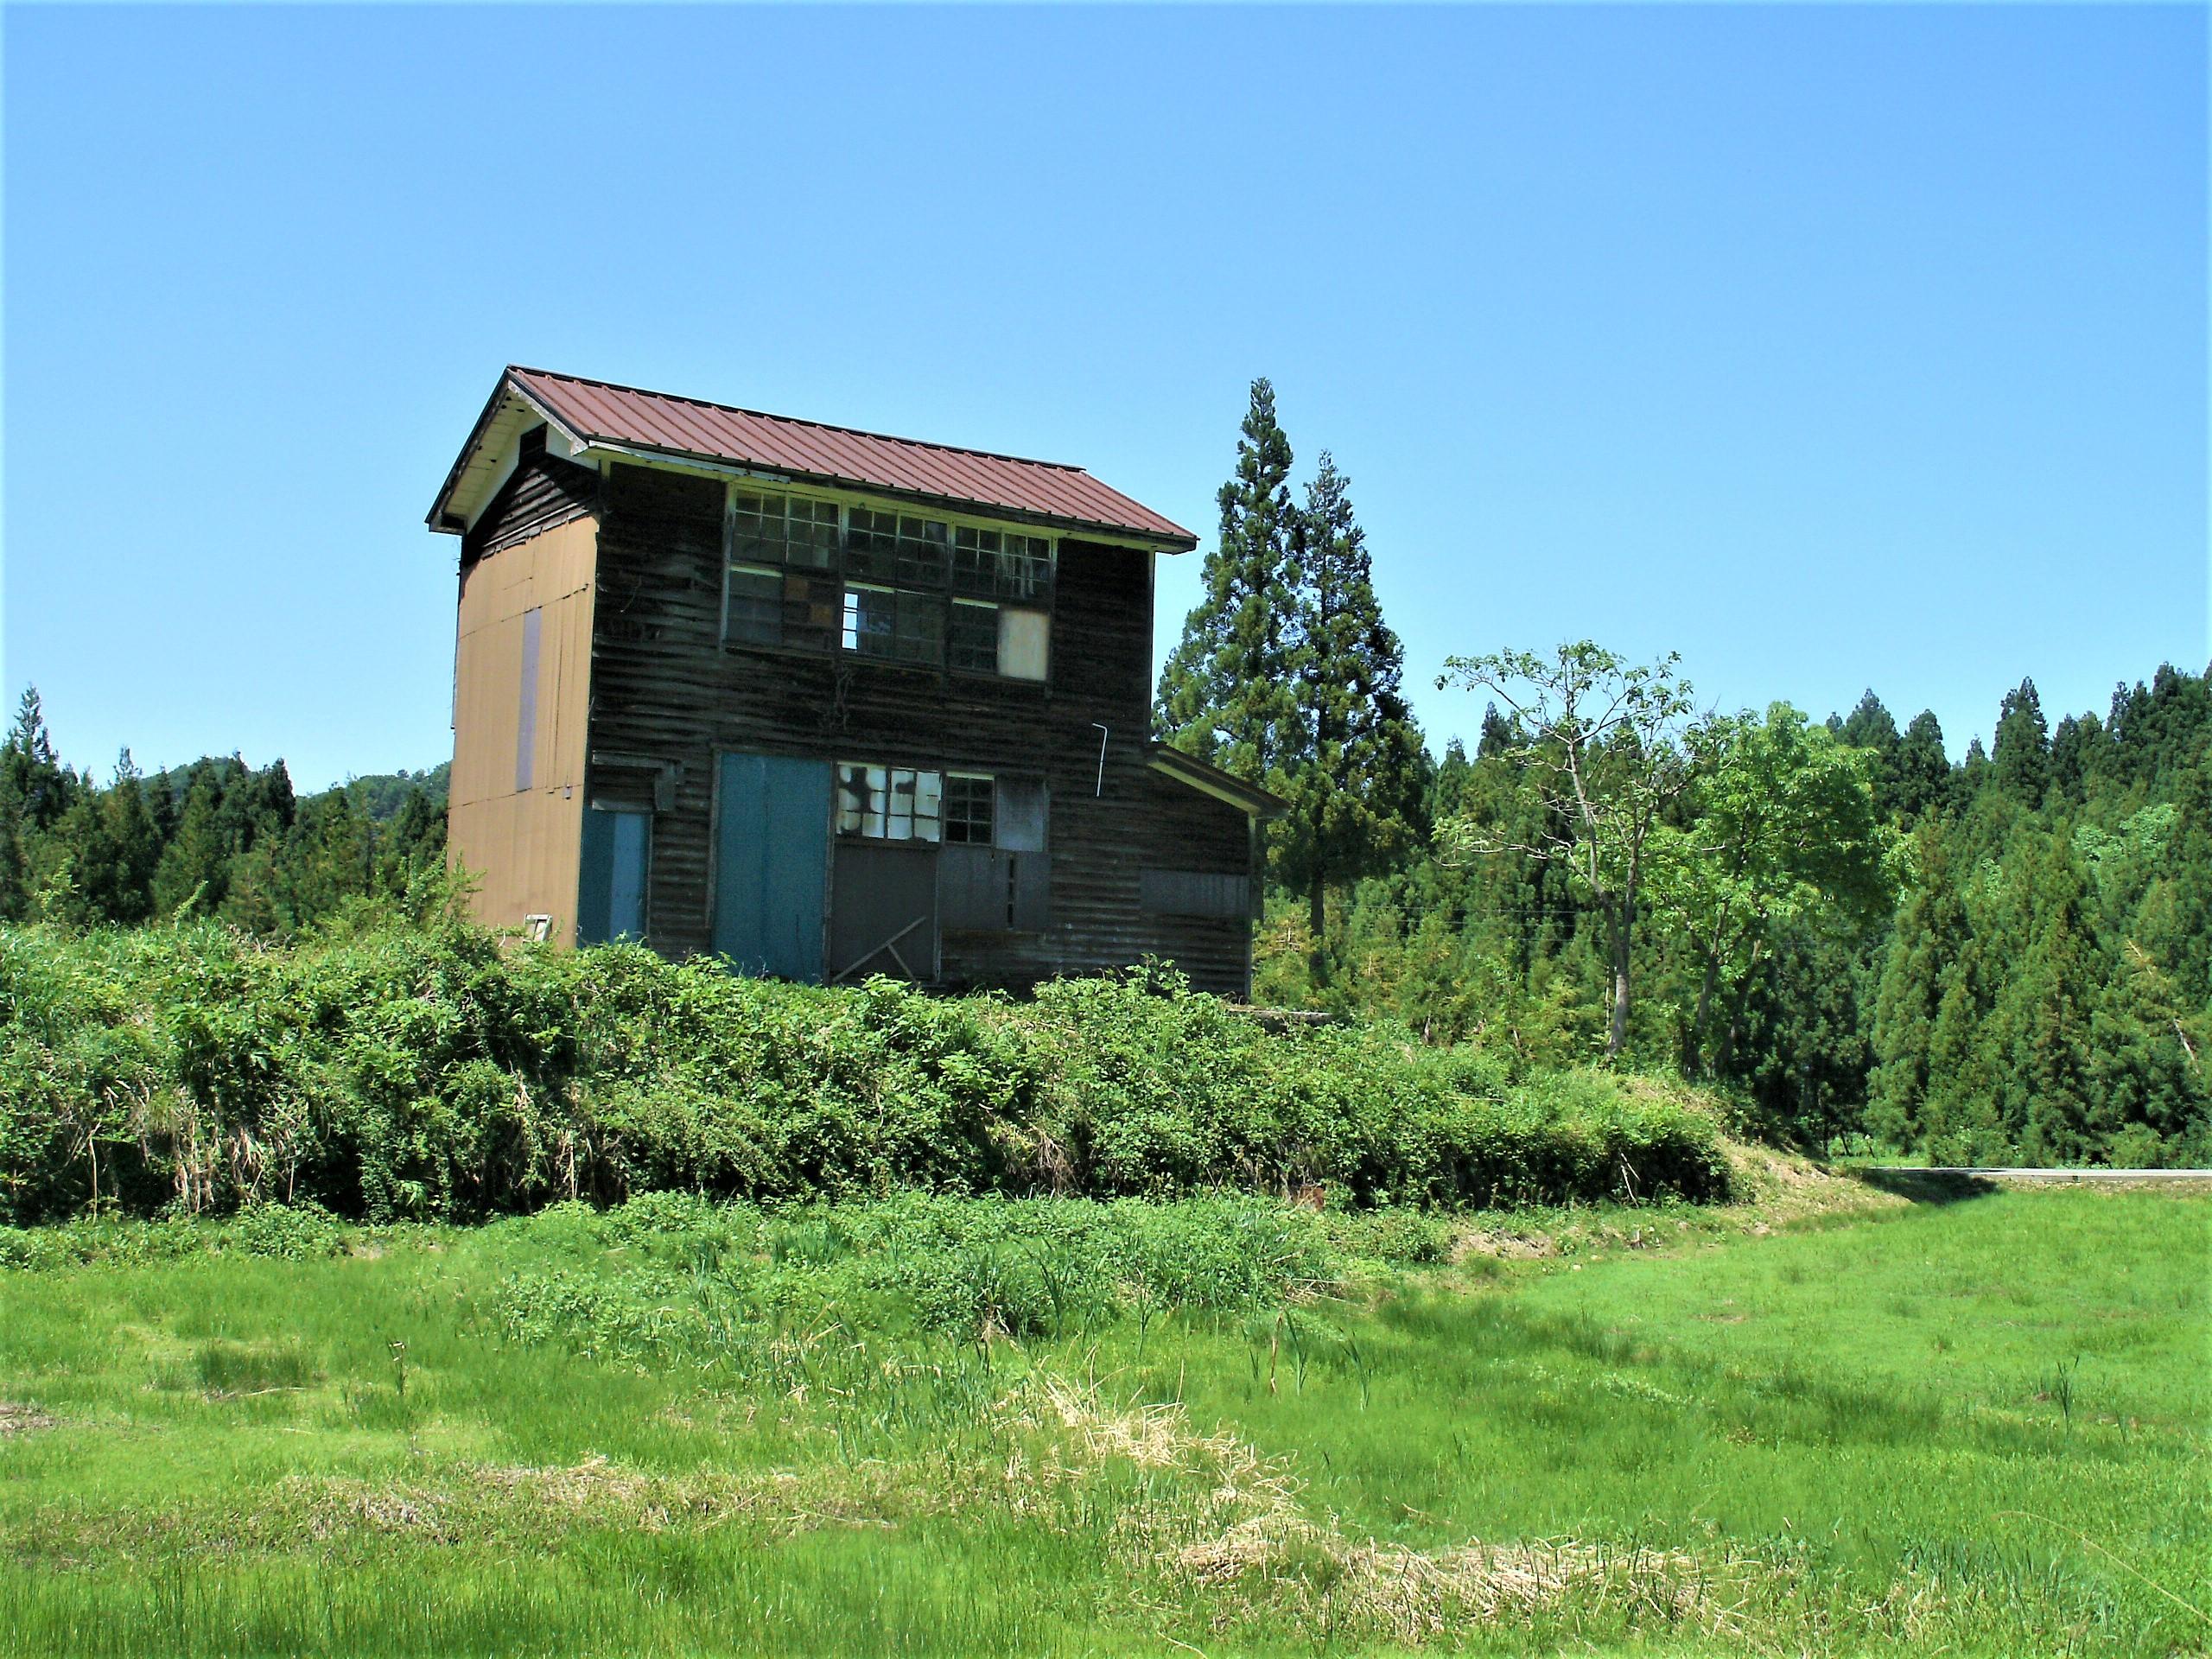 記事糸魚川市立今井小学校 菅沼分校 閉校のイメージ画像